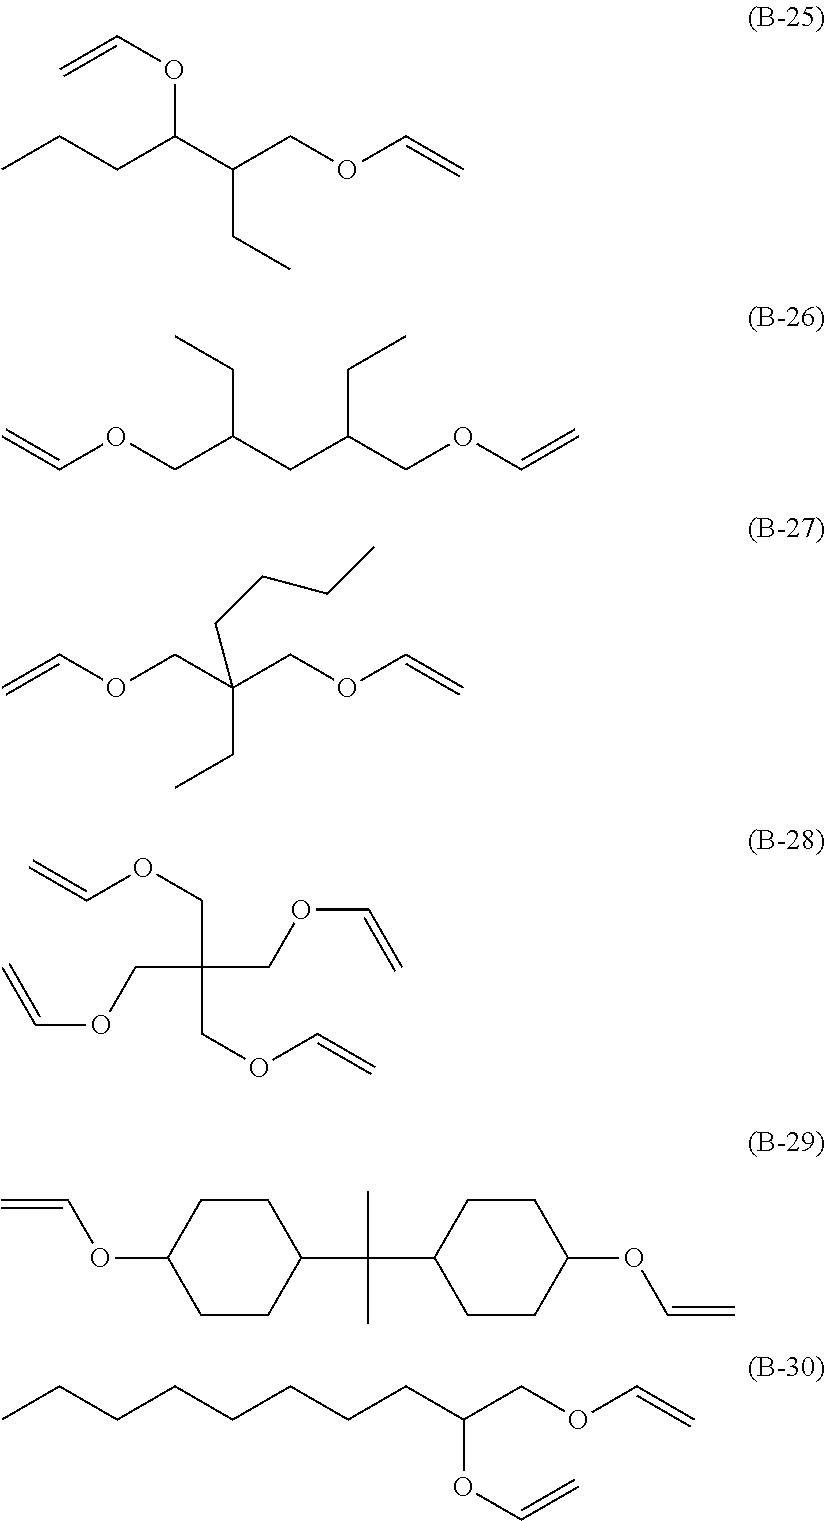 Figure US09857716-20180102-C00003